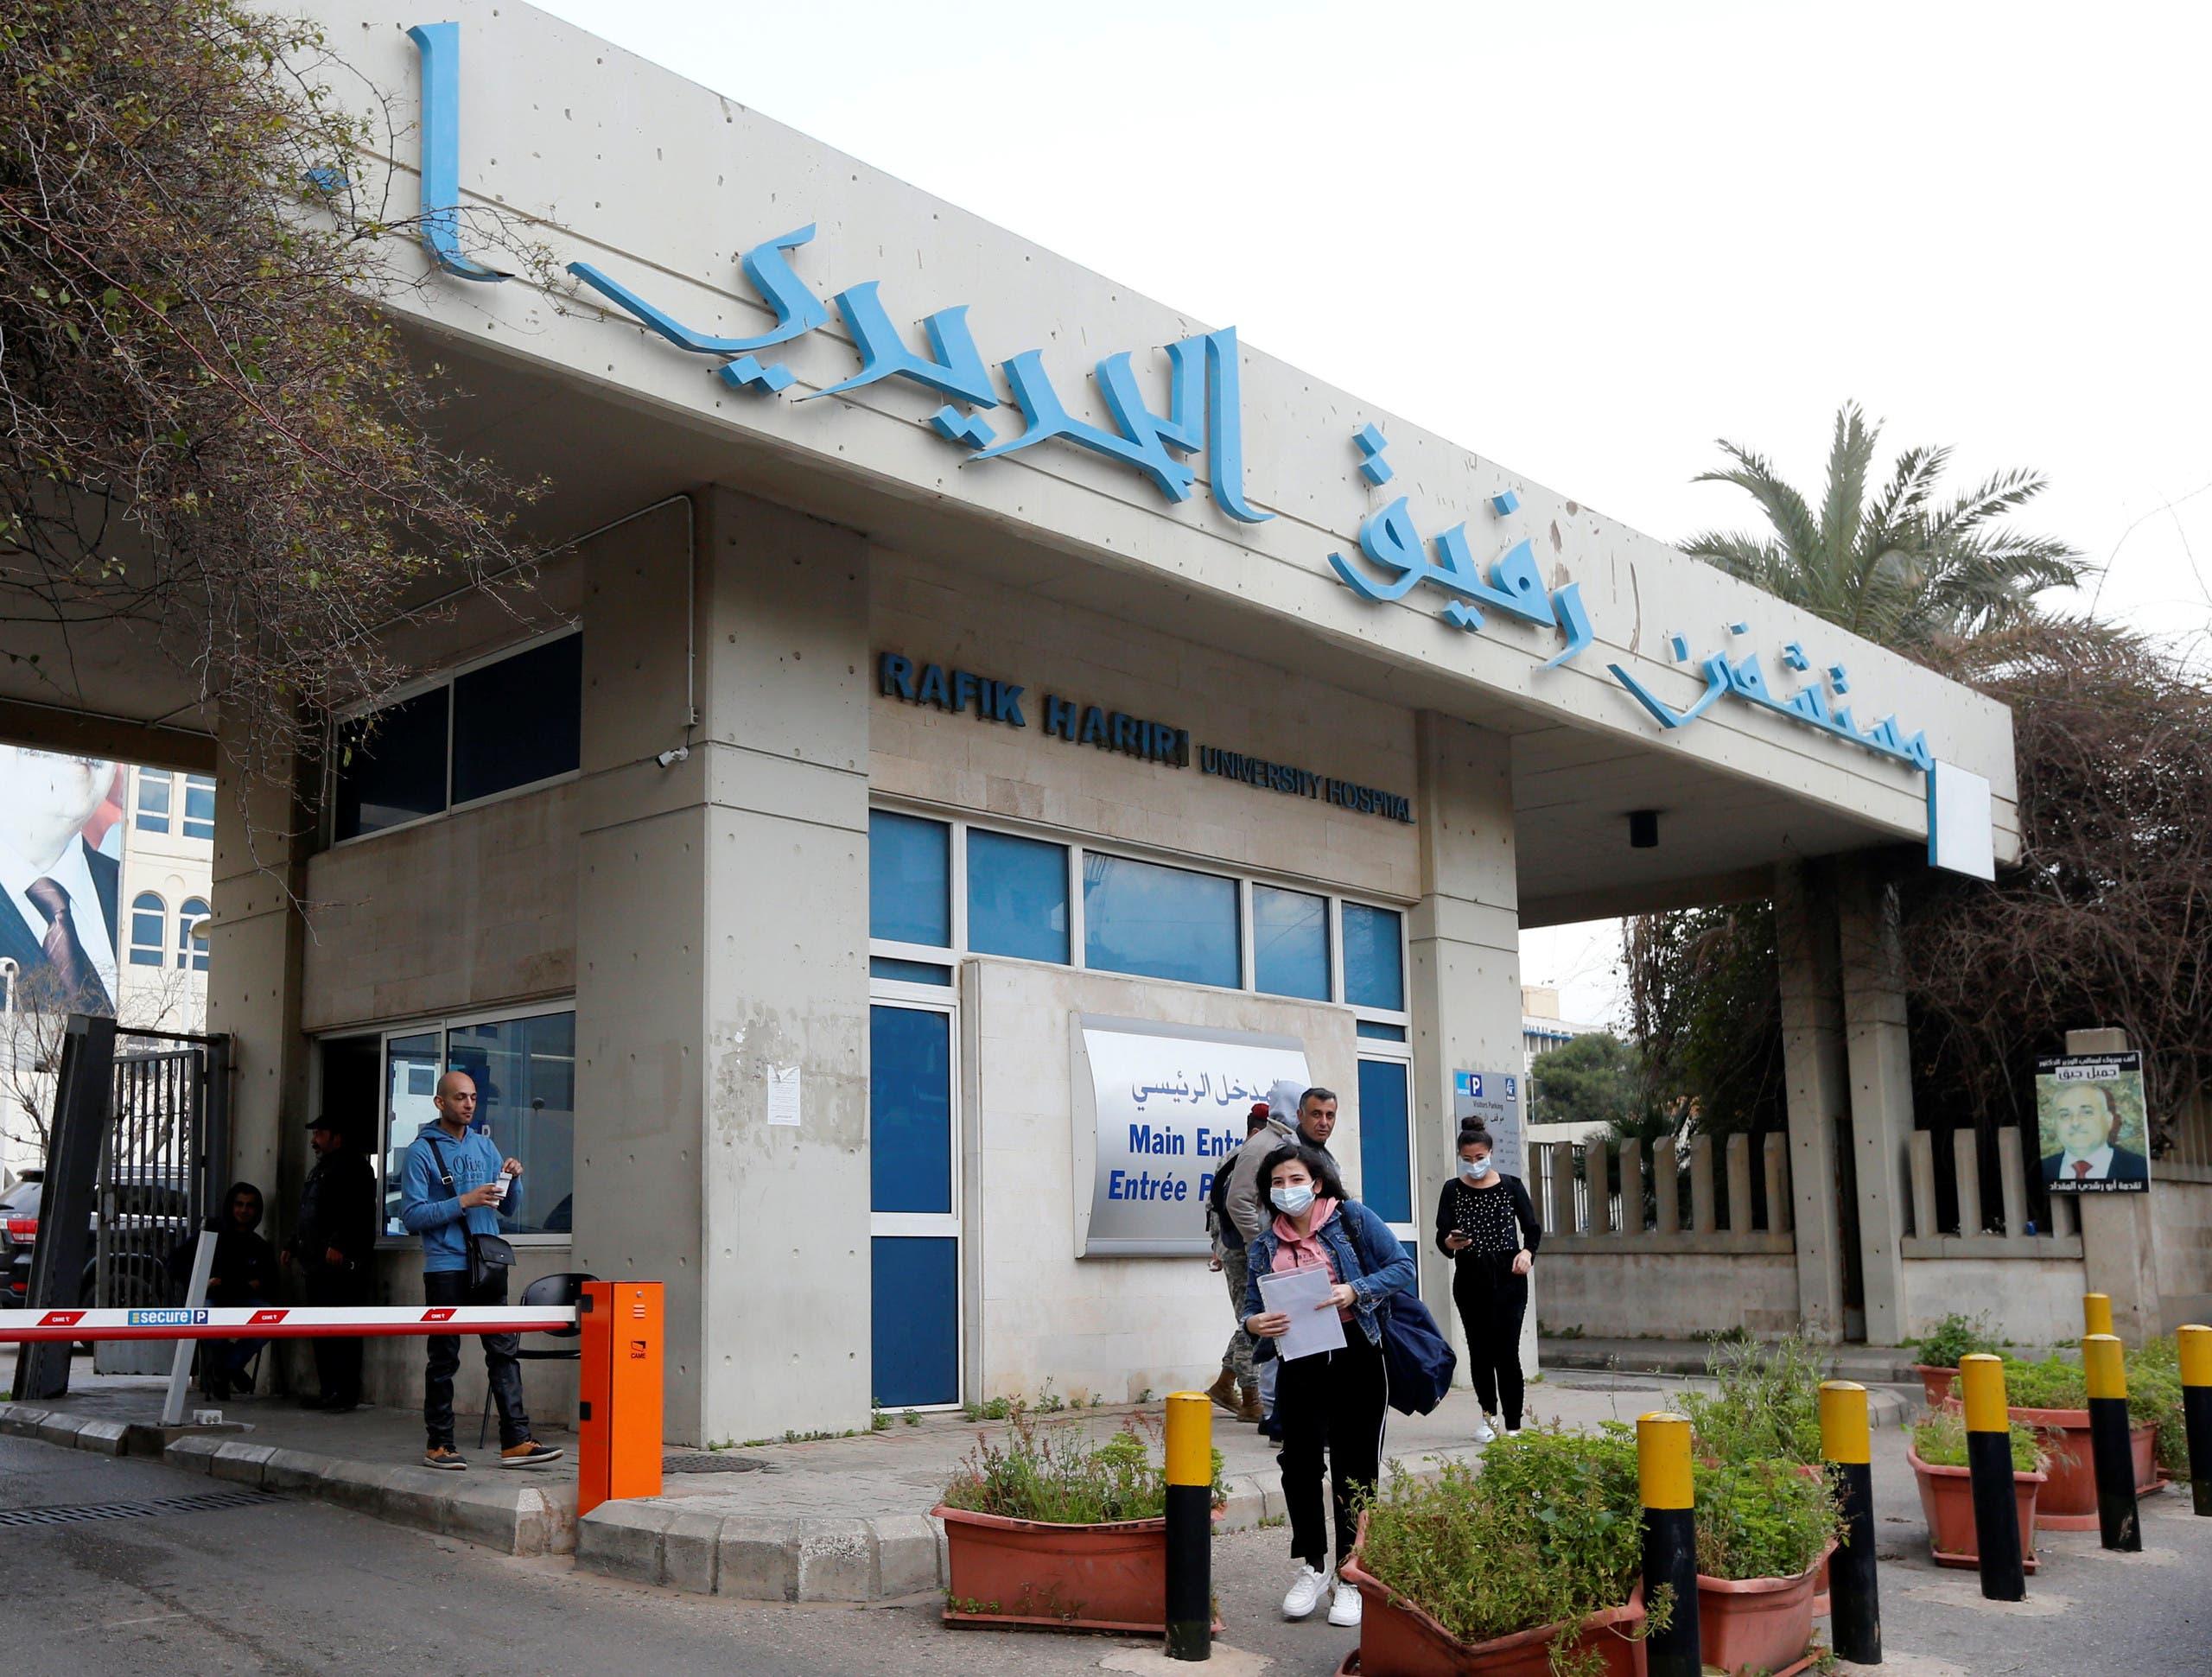 مستشفى رفيق الحريري حيث يتم الحجر على المصابين